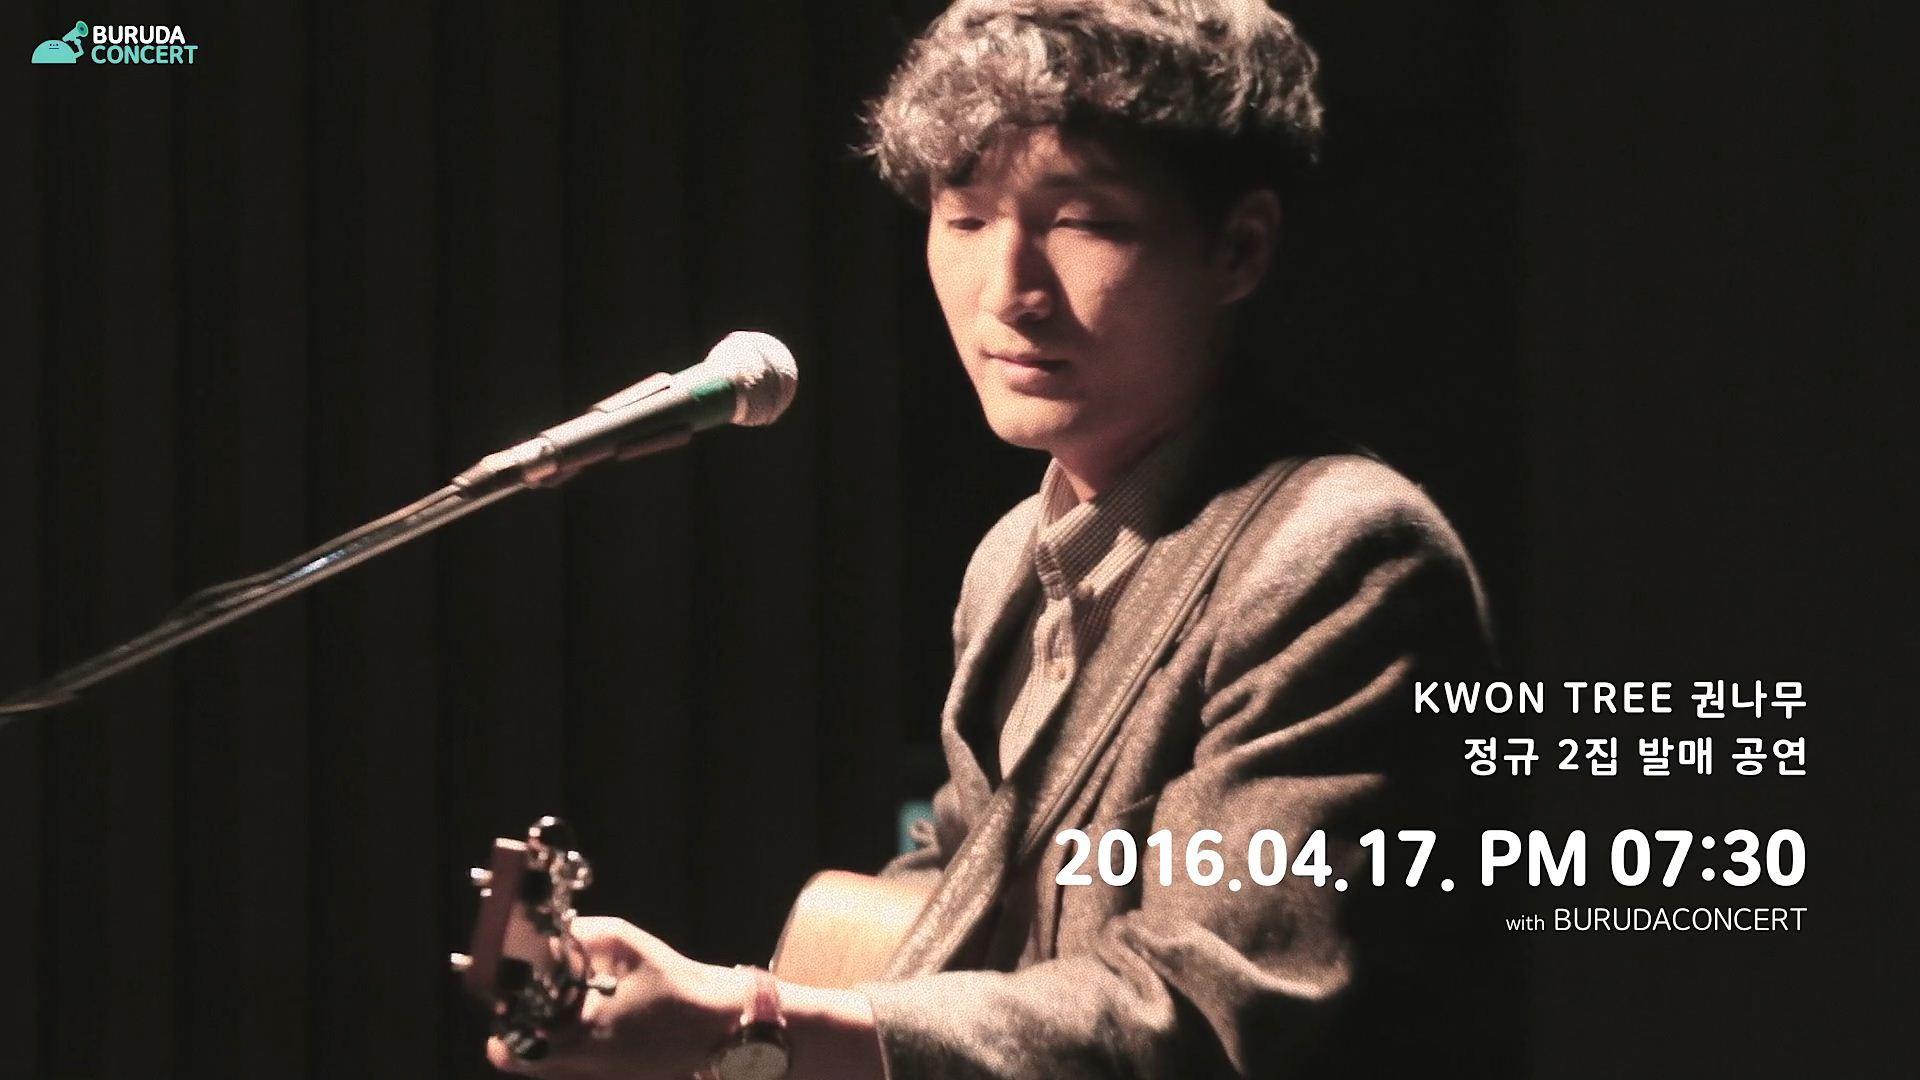 [TEASER] Kwon Tree 권나무 정규 2집 발매 공연